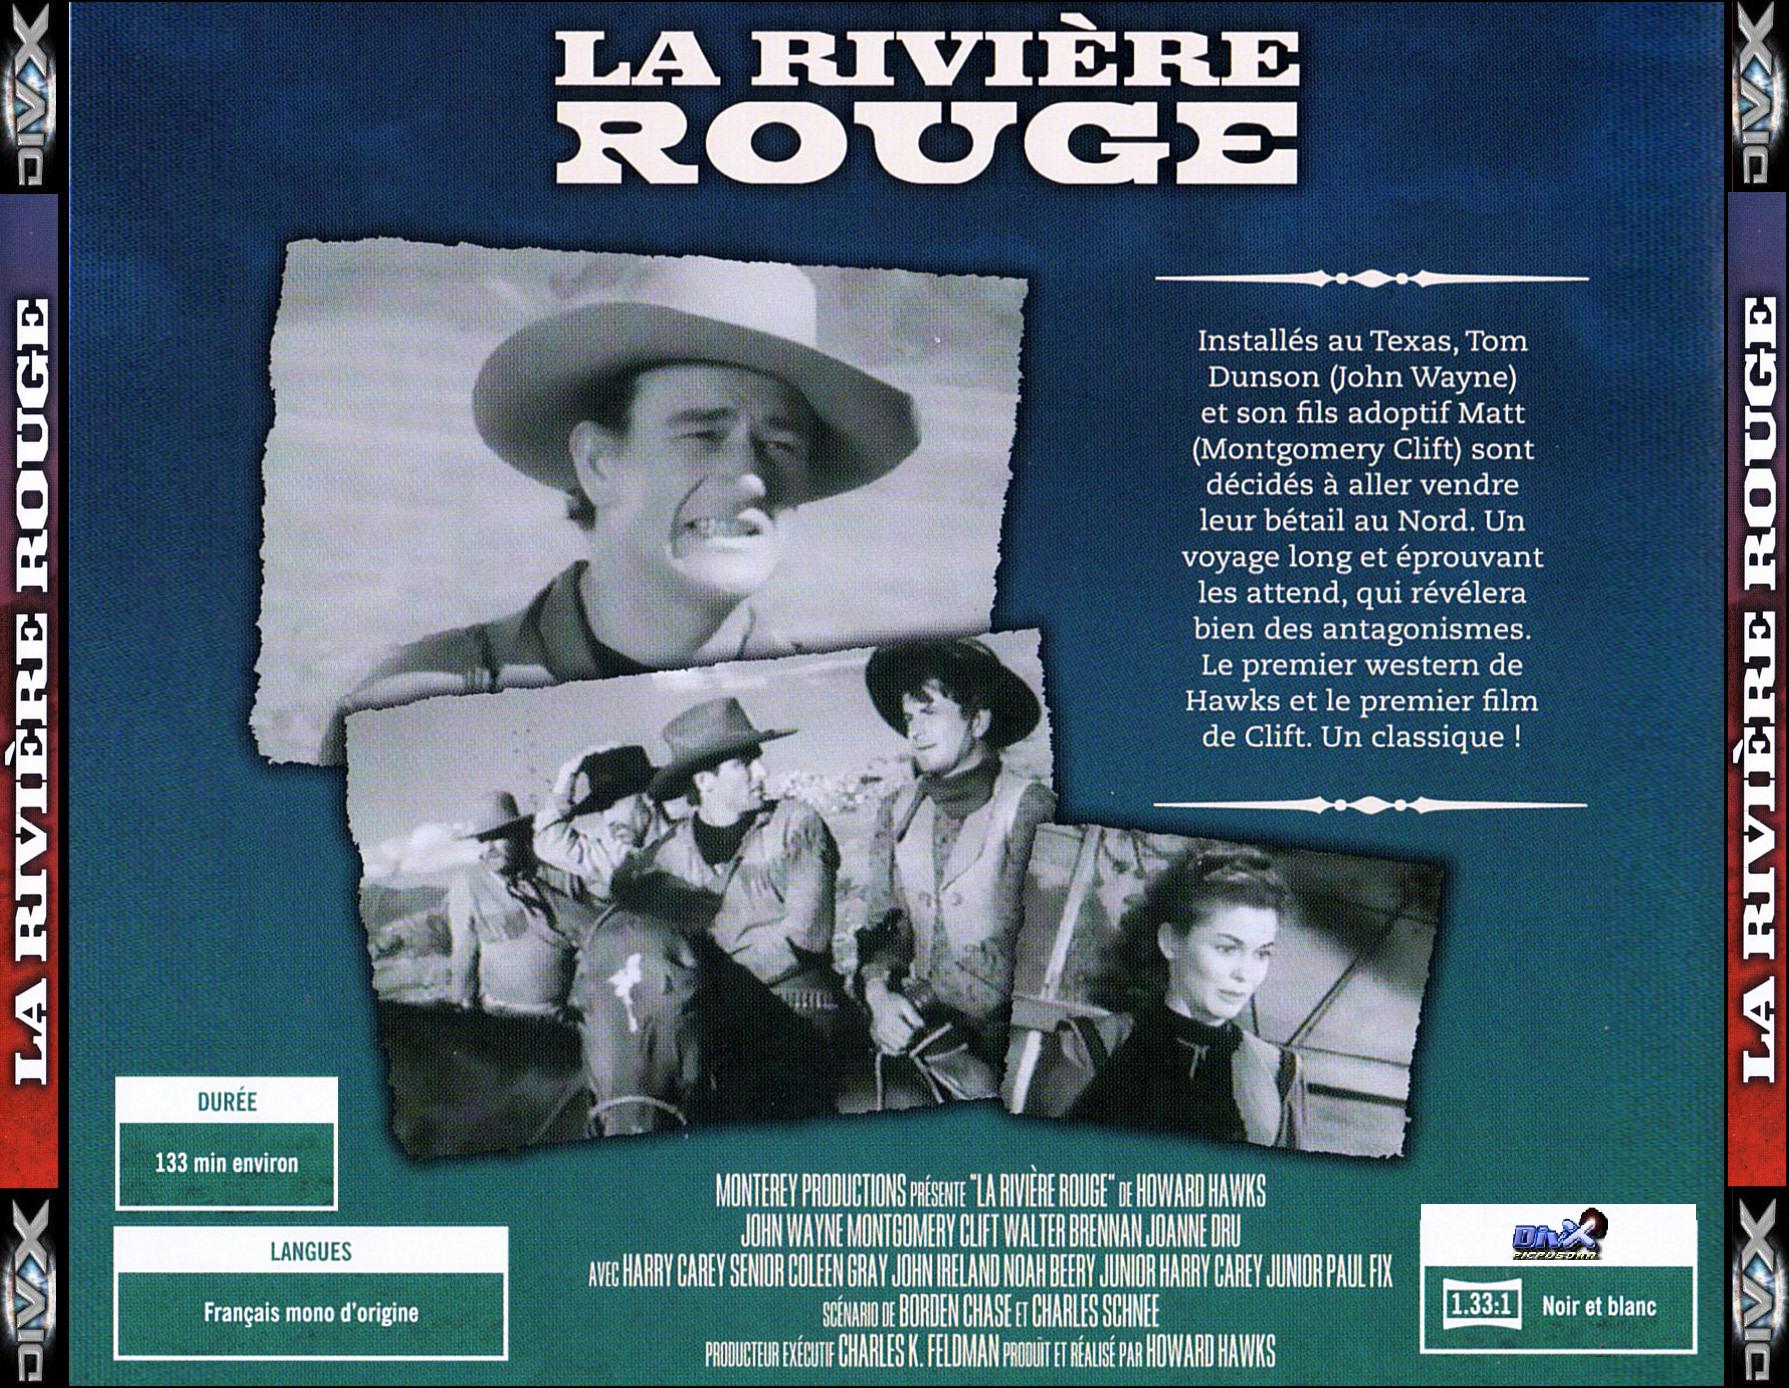 le pistolero de la rivière rouge film 1967